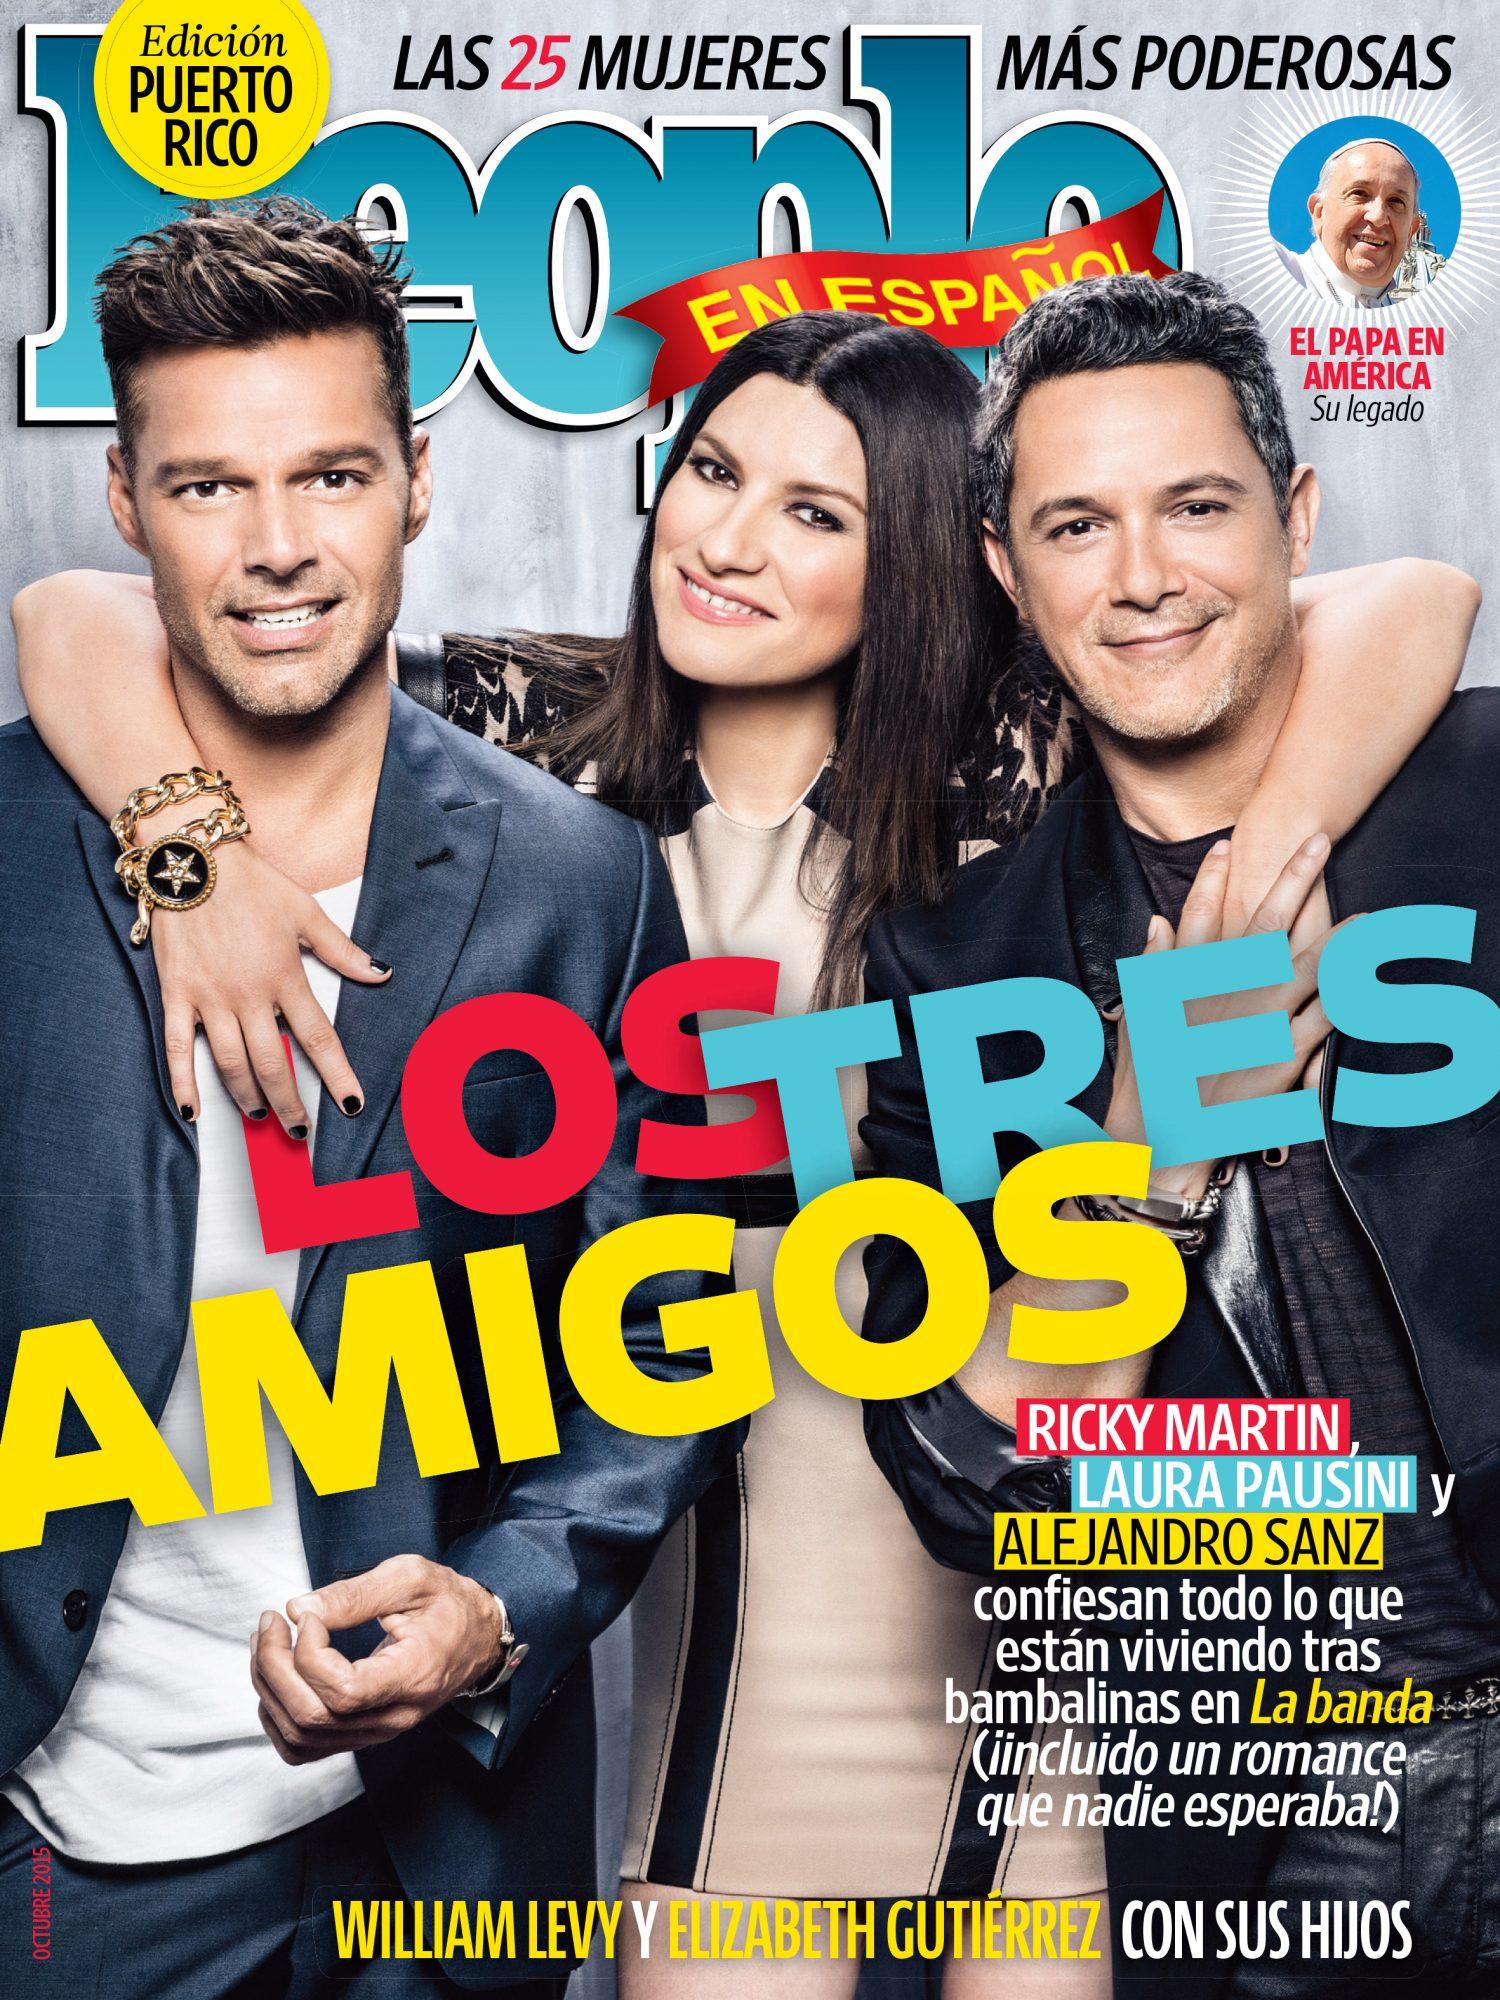 Octubre 2016 portada - Las 25 Mujeres Mas Poderosas Cover